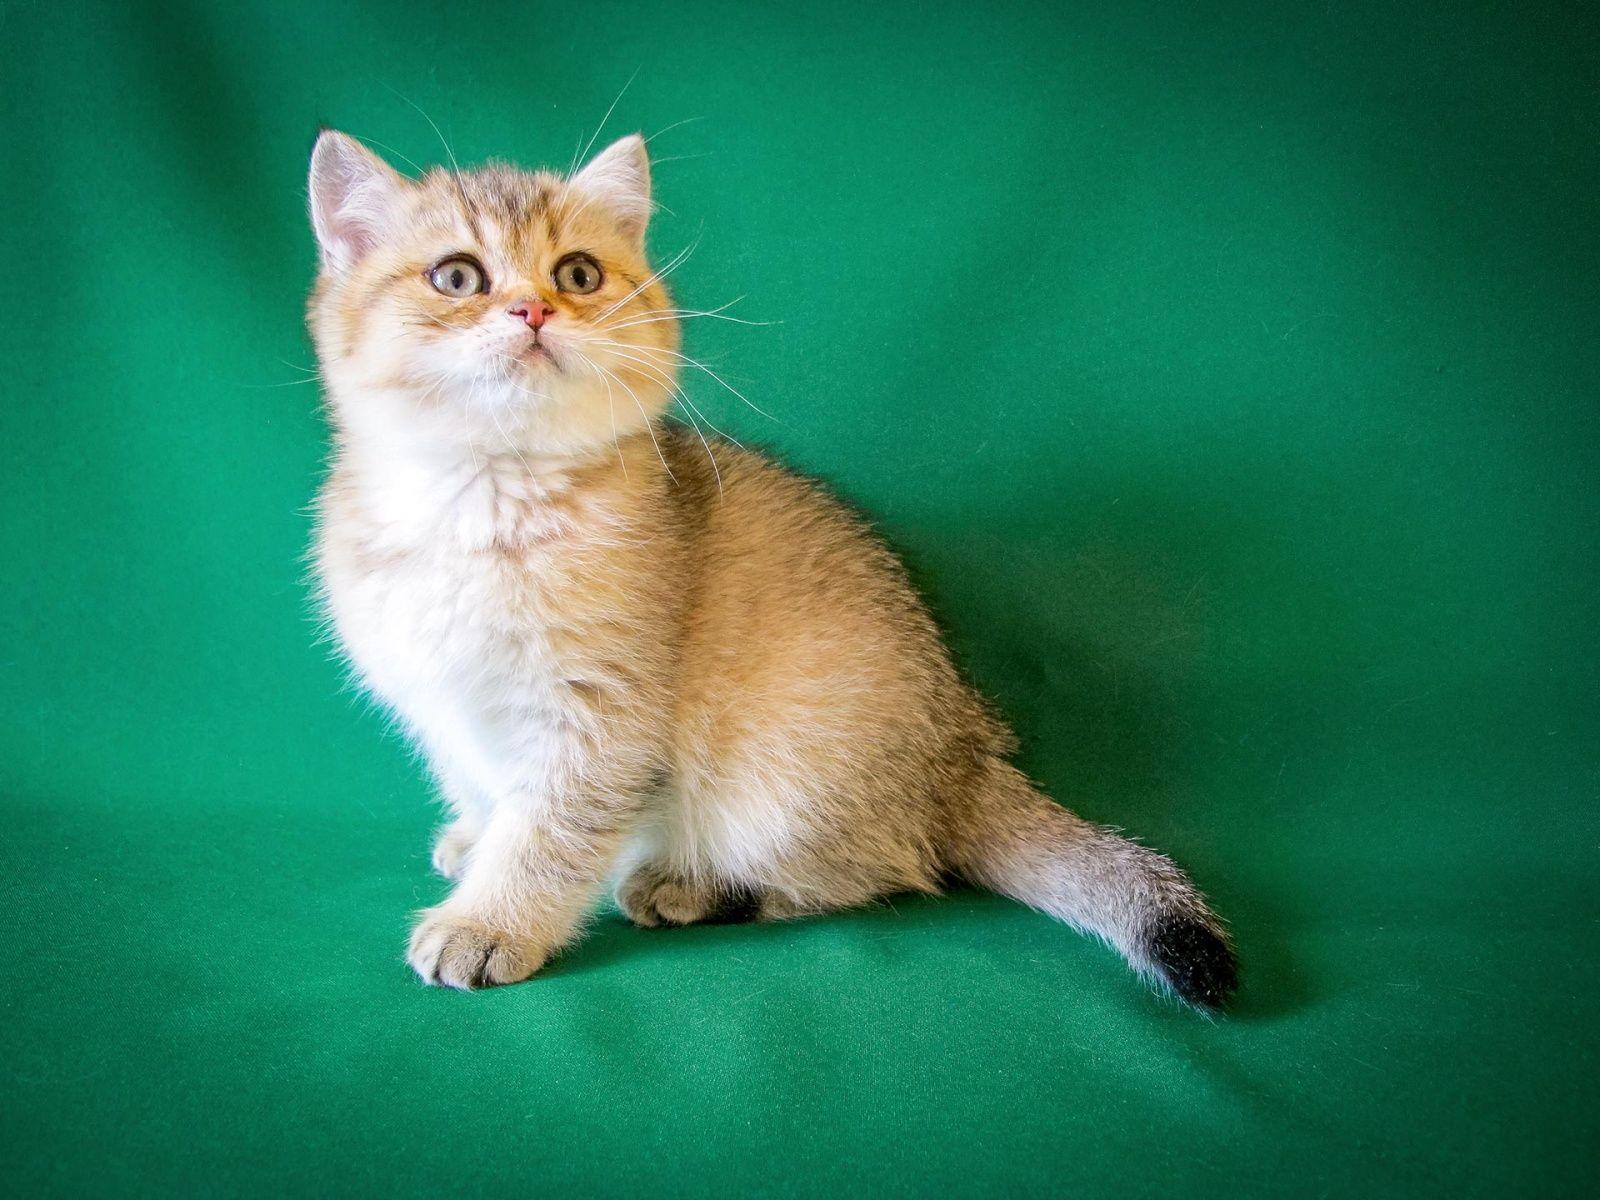 2 Months 6 Days Old British Shorthair Kitten Of Black Ticked Color In 2020 British Shorthair Kittens British Shorthair Kitten Photos